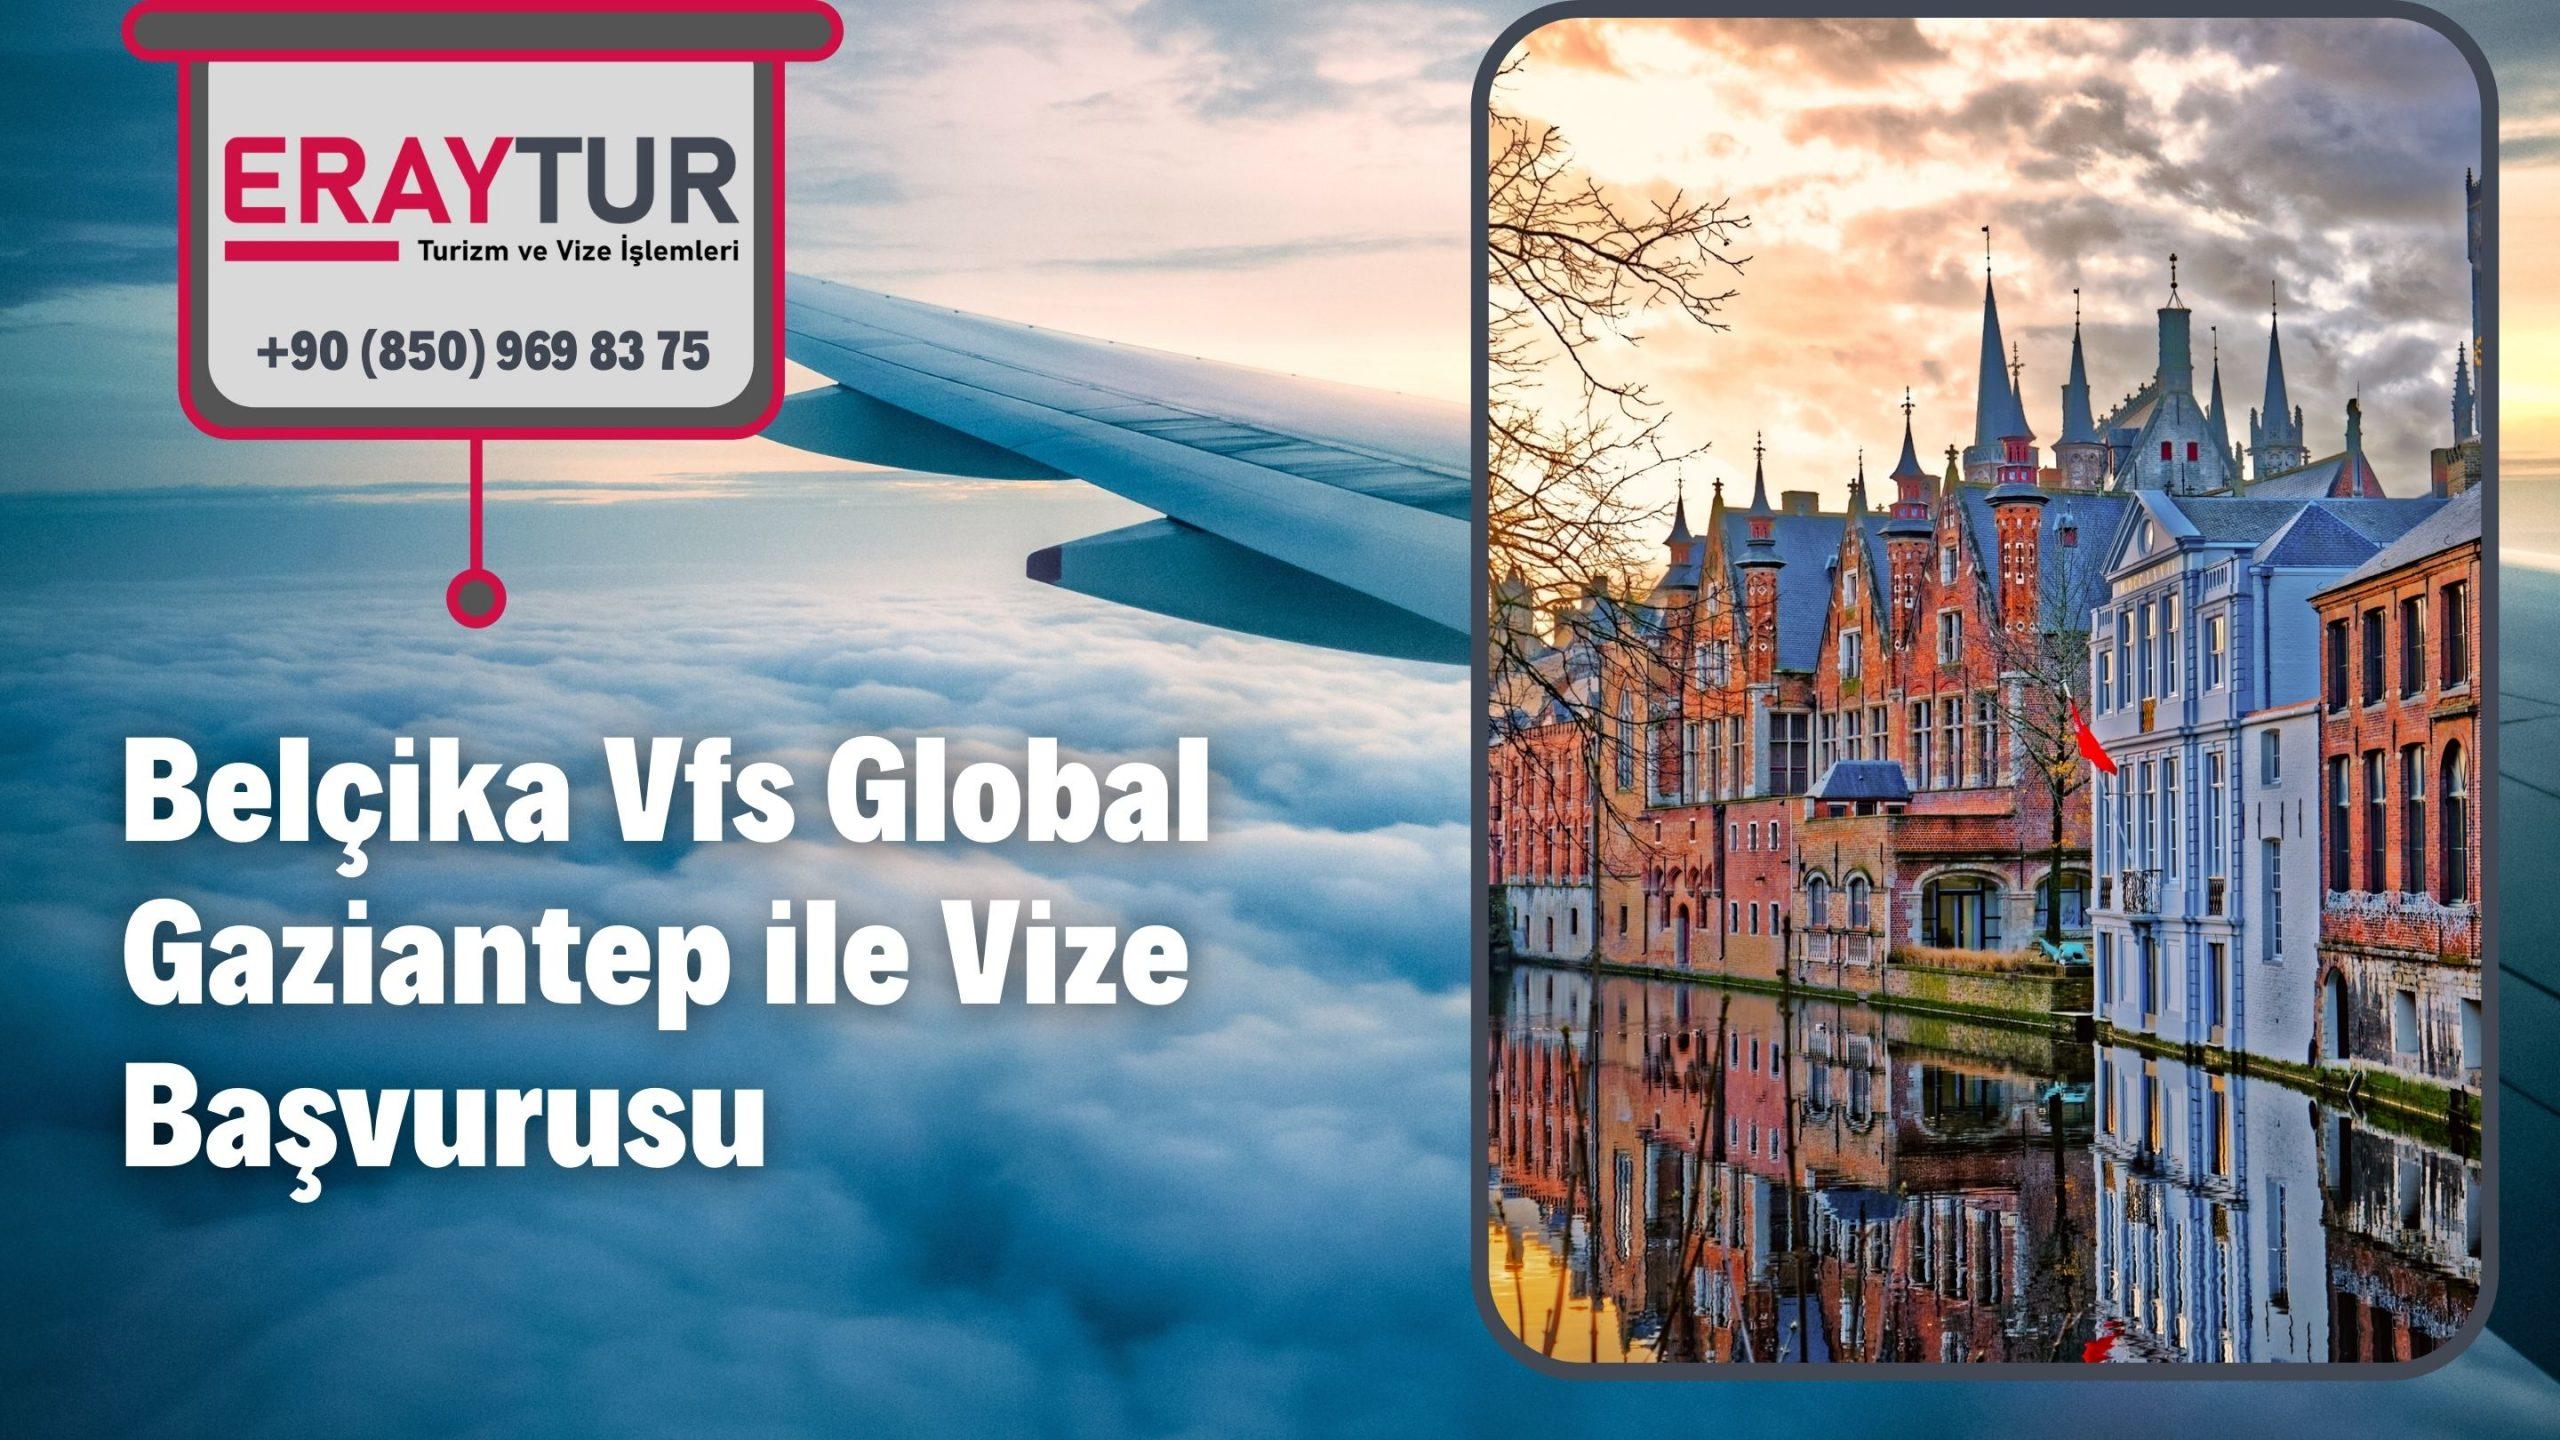 Belçika Vfs Global Gaziantep ile Vize Başvurusu